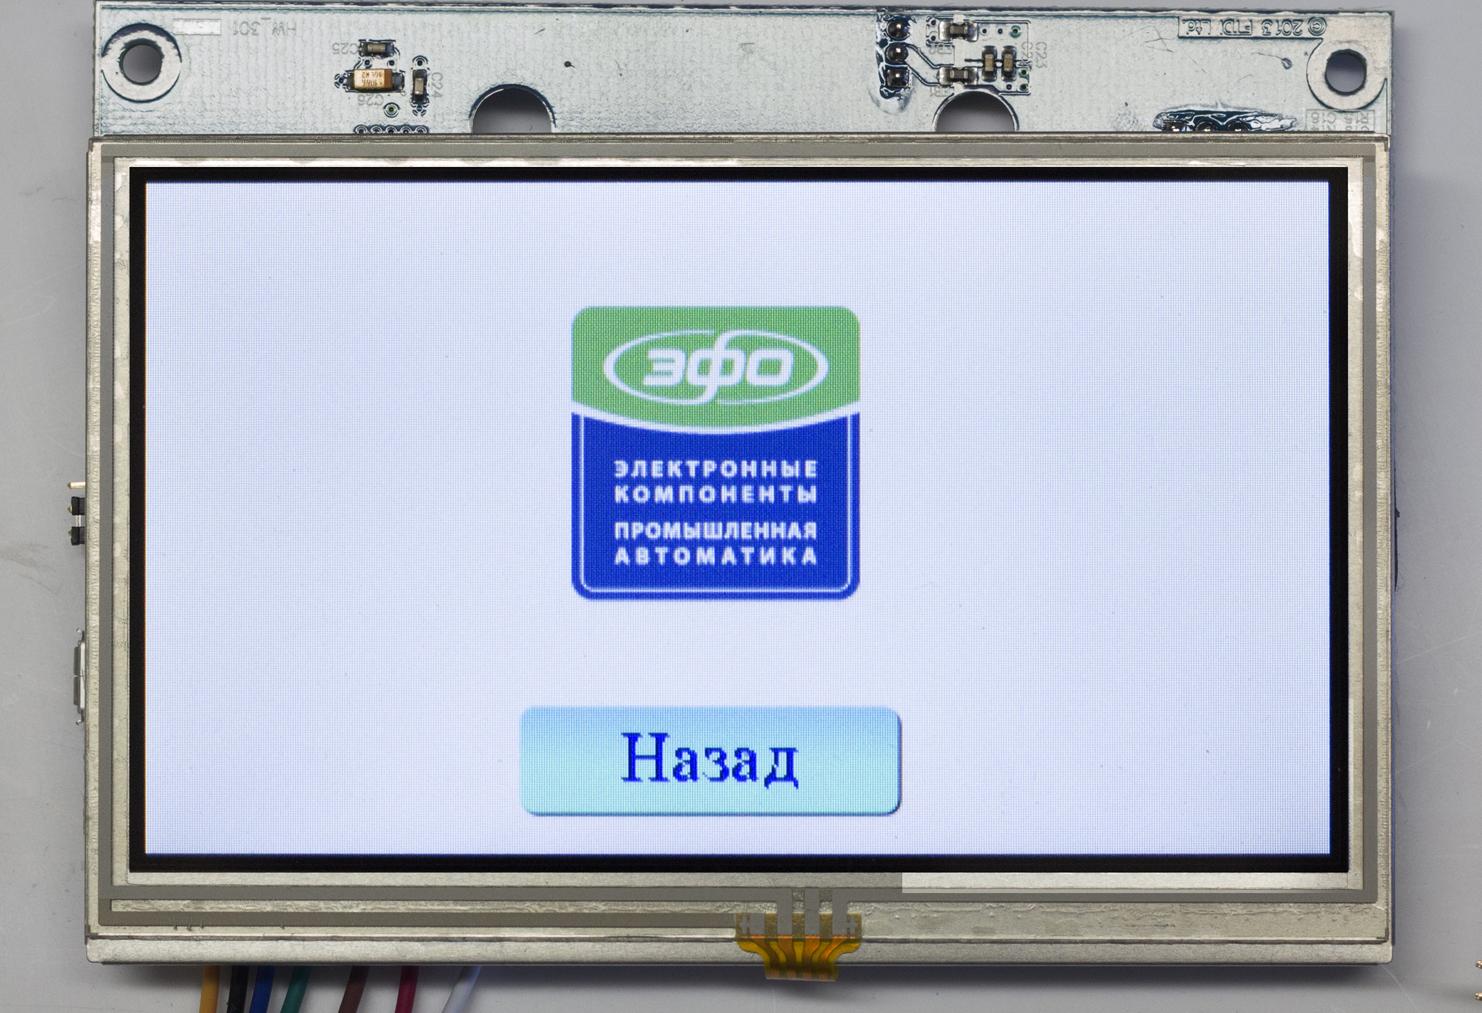 Изображение на экране дисплея  RVT4.3B480272CNWR00